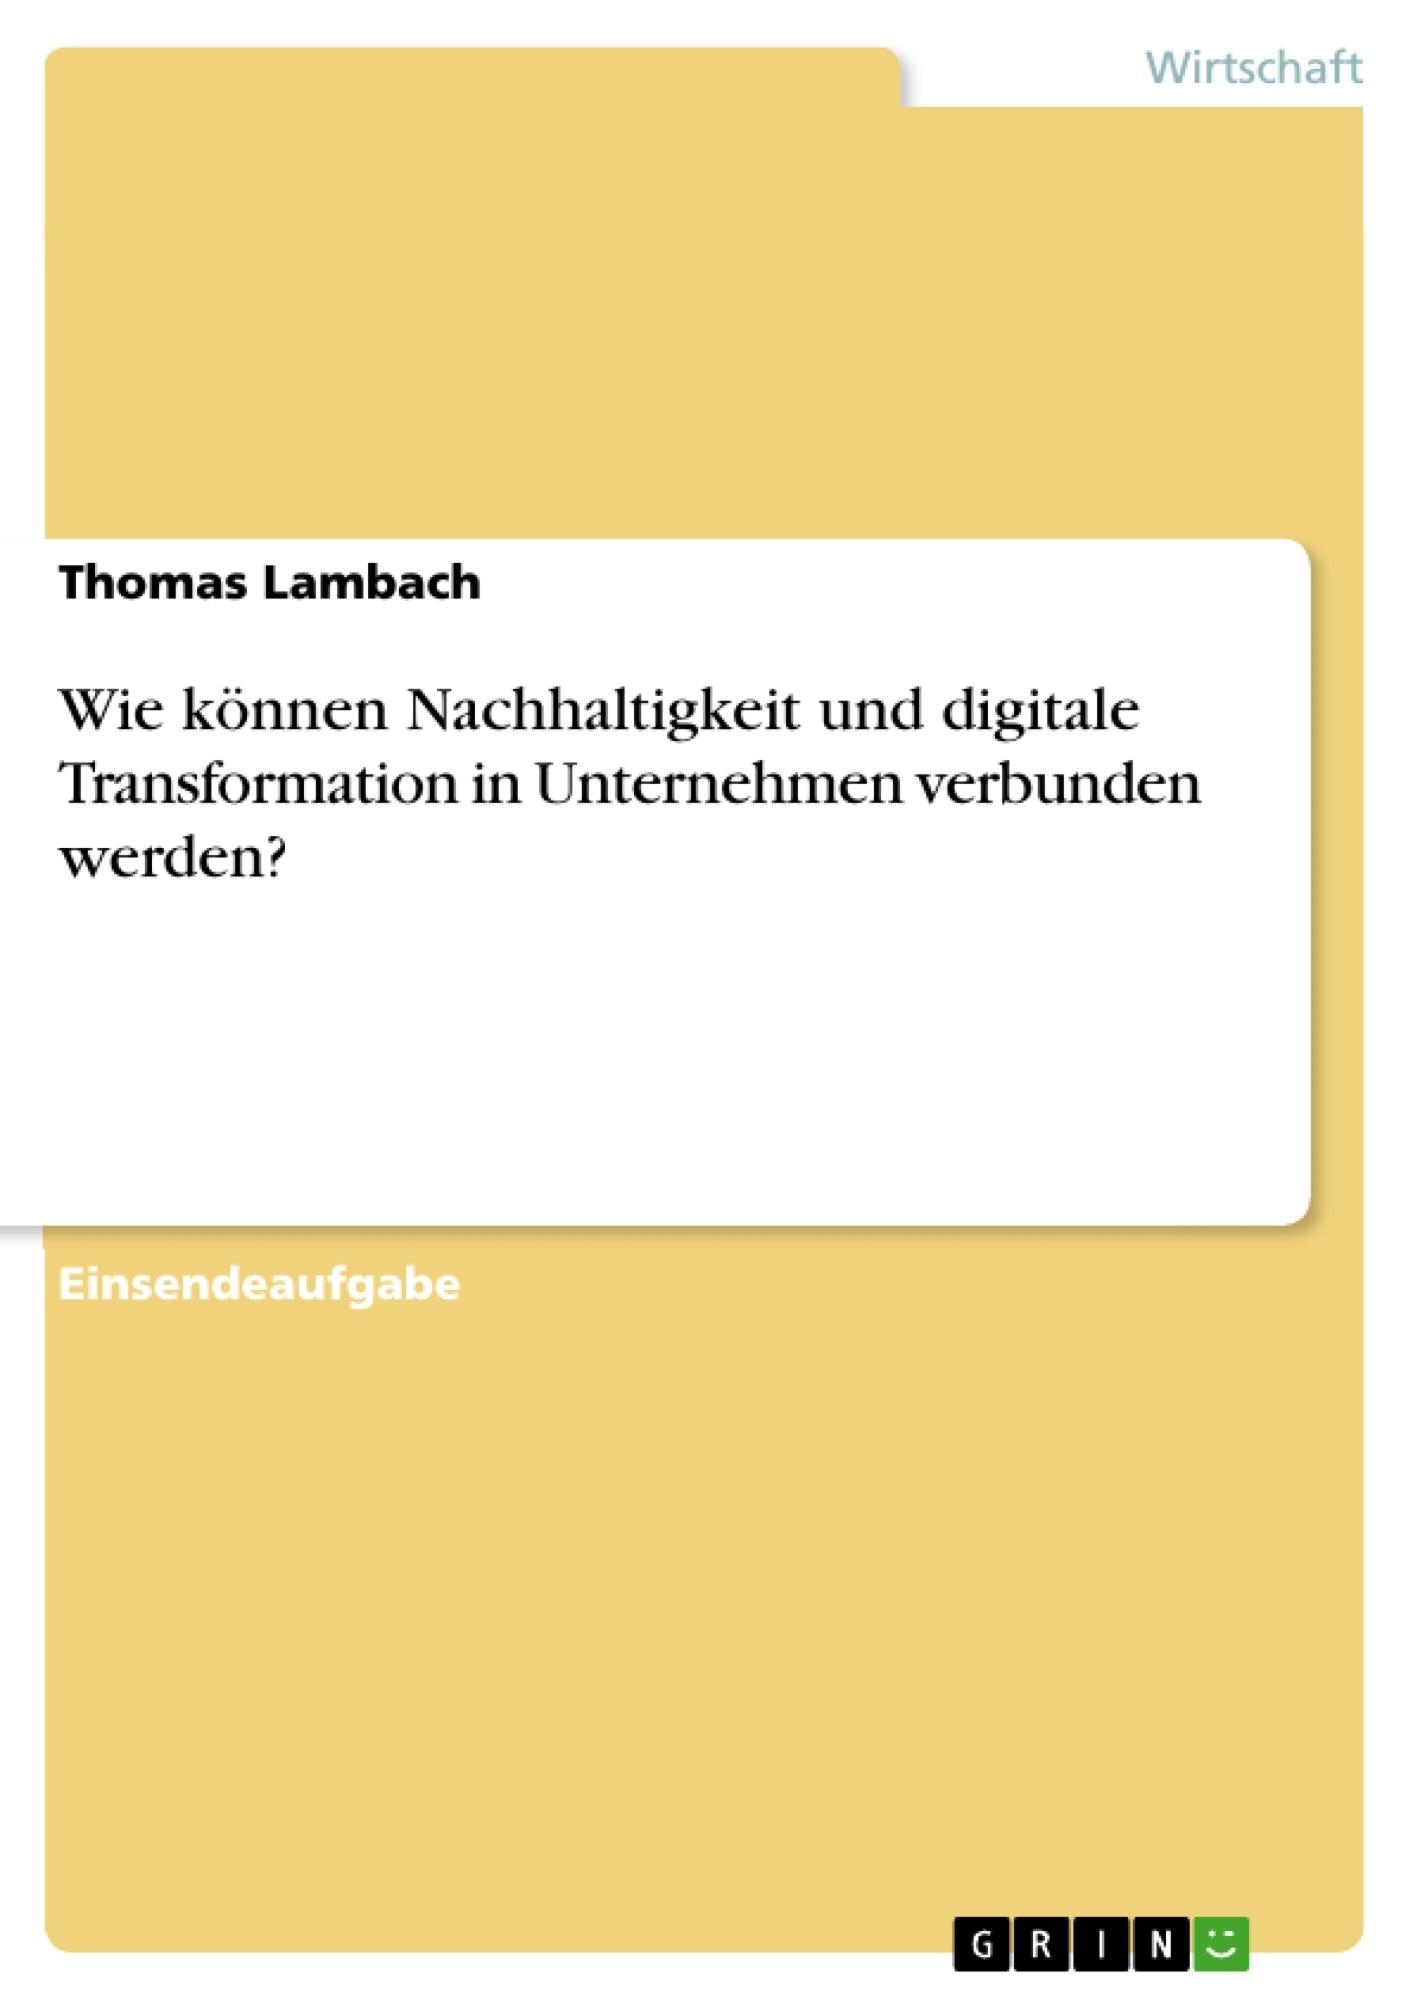 Titel: Wie können Nachhaltigkeit und digitale Transformation in Unternehmen verbunden werden?